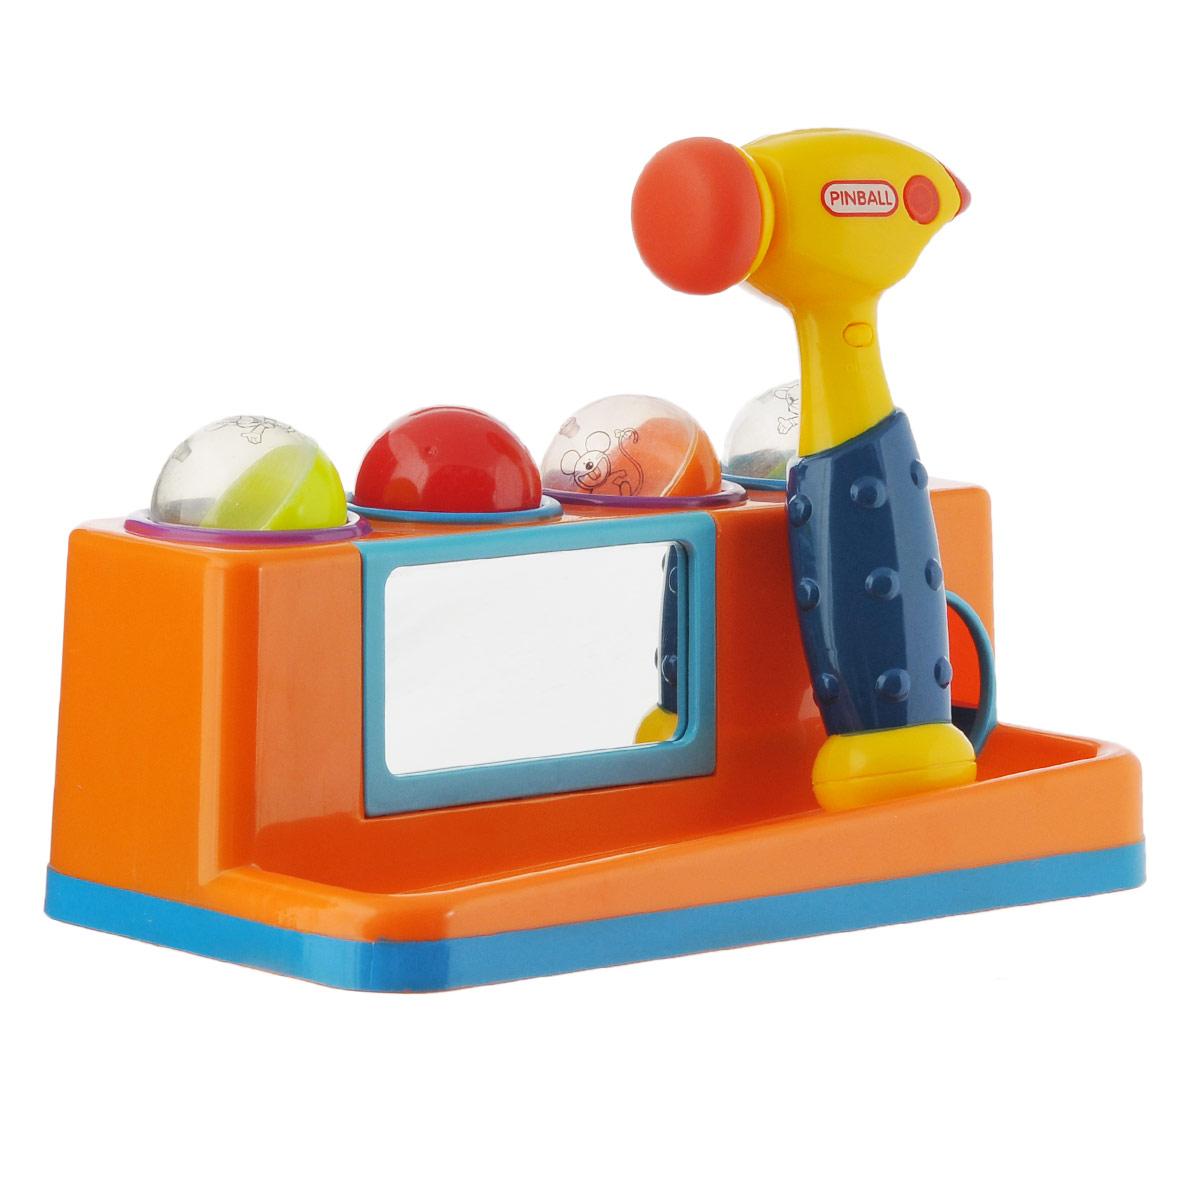 Купить Игрушка-сортер WSBD World , с молотком цвет оранжевый, Junfa Toys Ltd, Развивающие игрушки